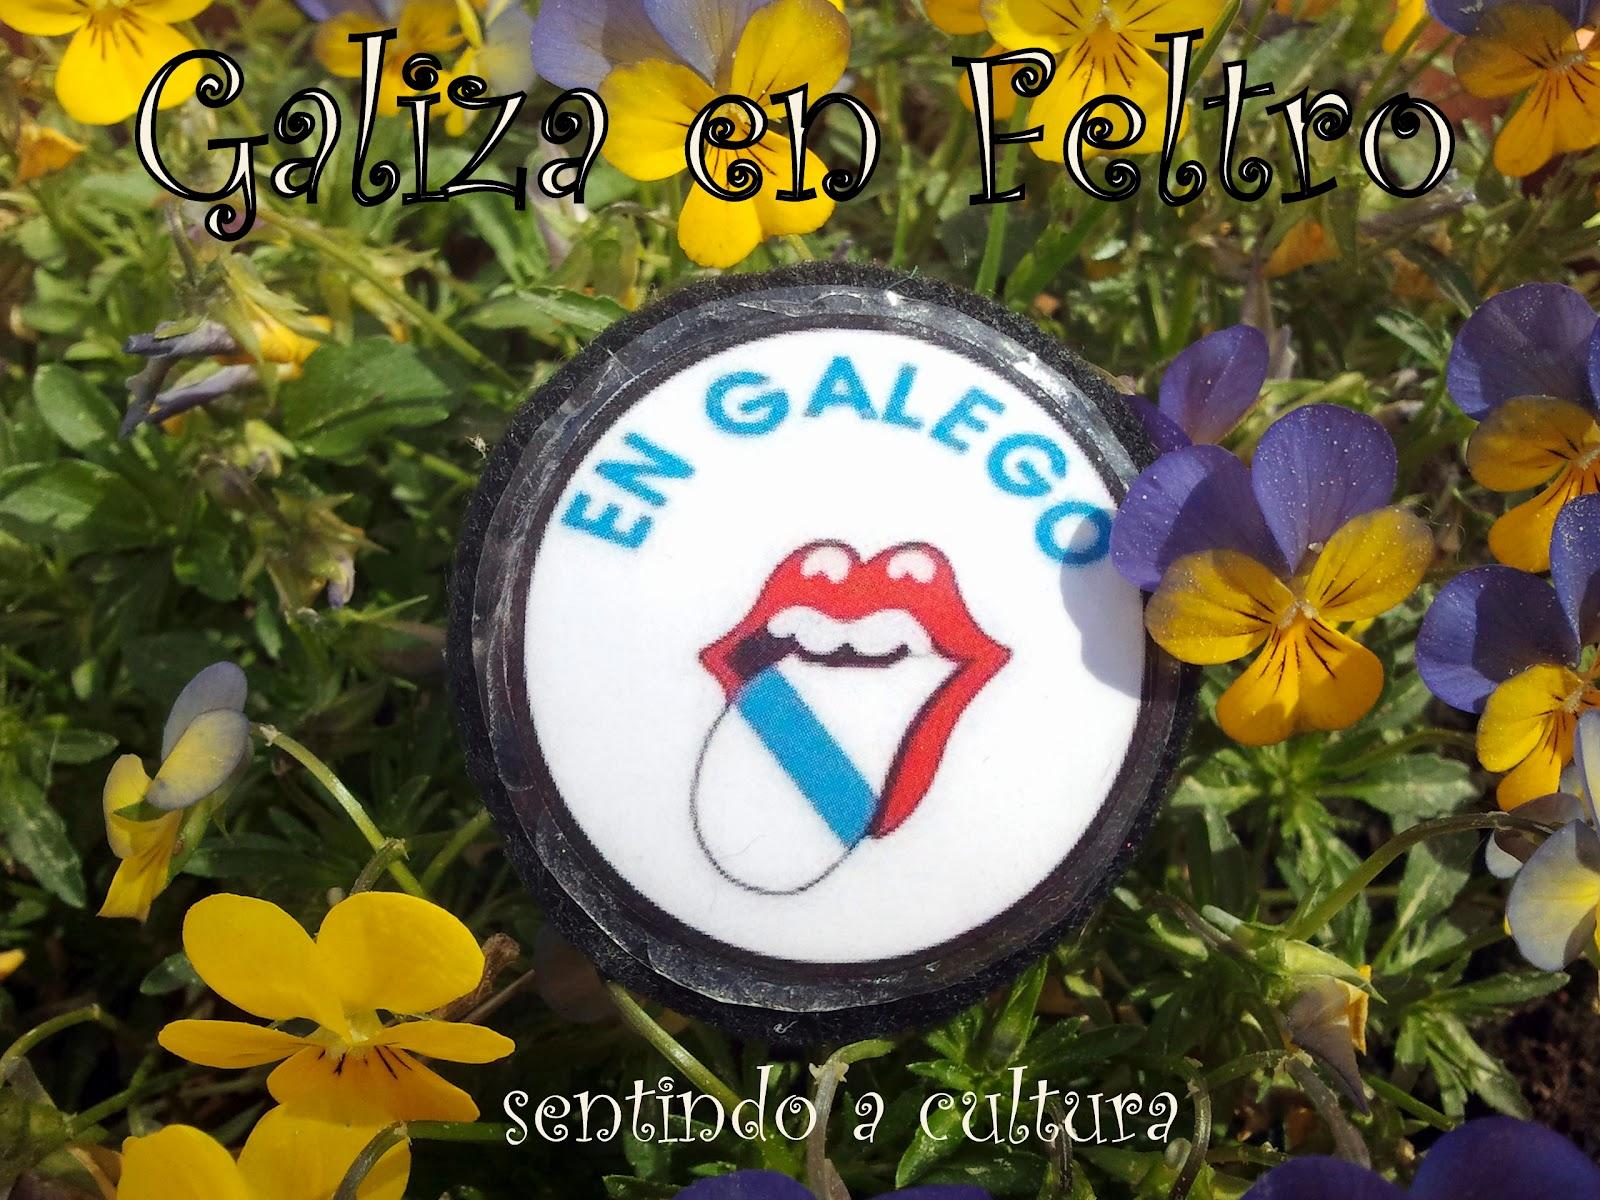 Artesan a galega para t dolos petos im ns feitos a man Artesania gallega regalos